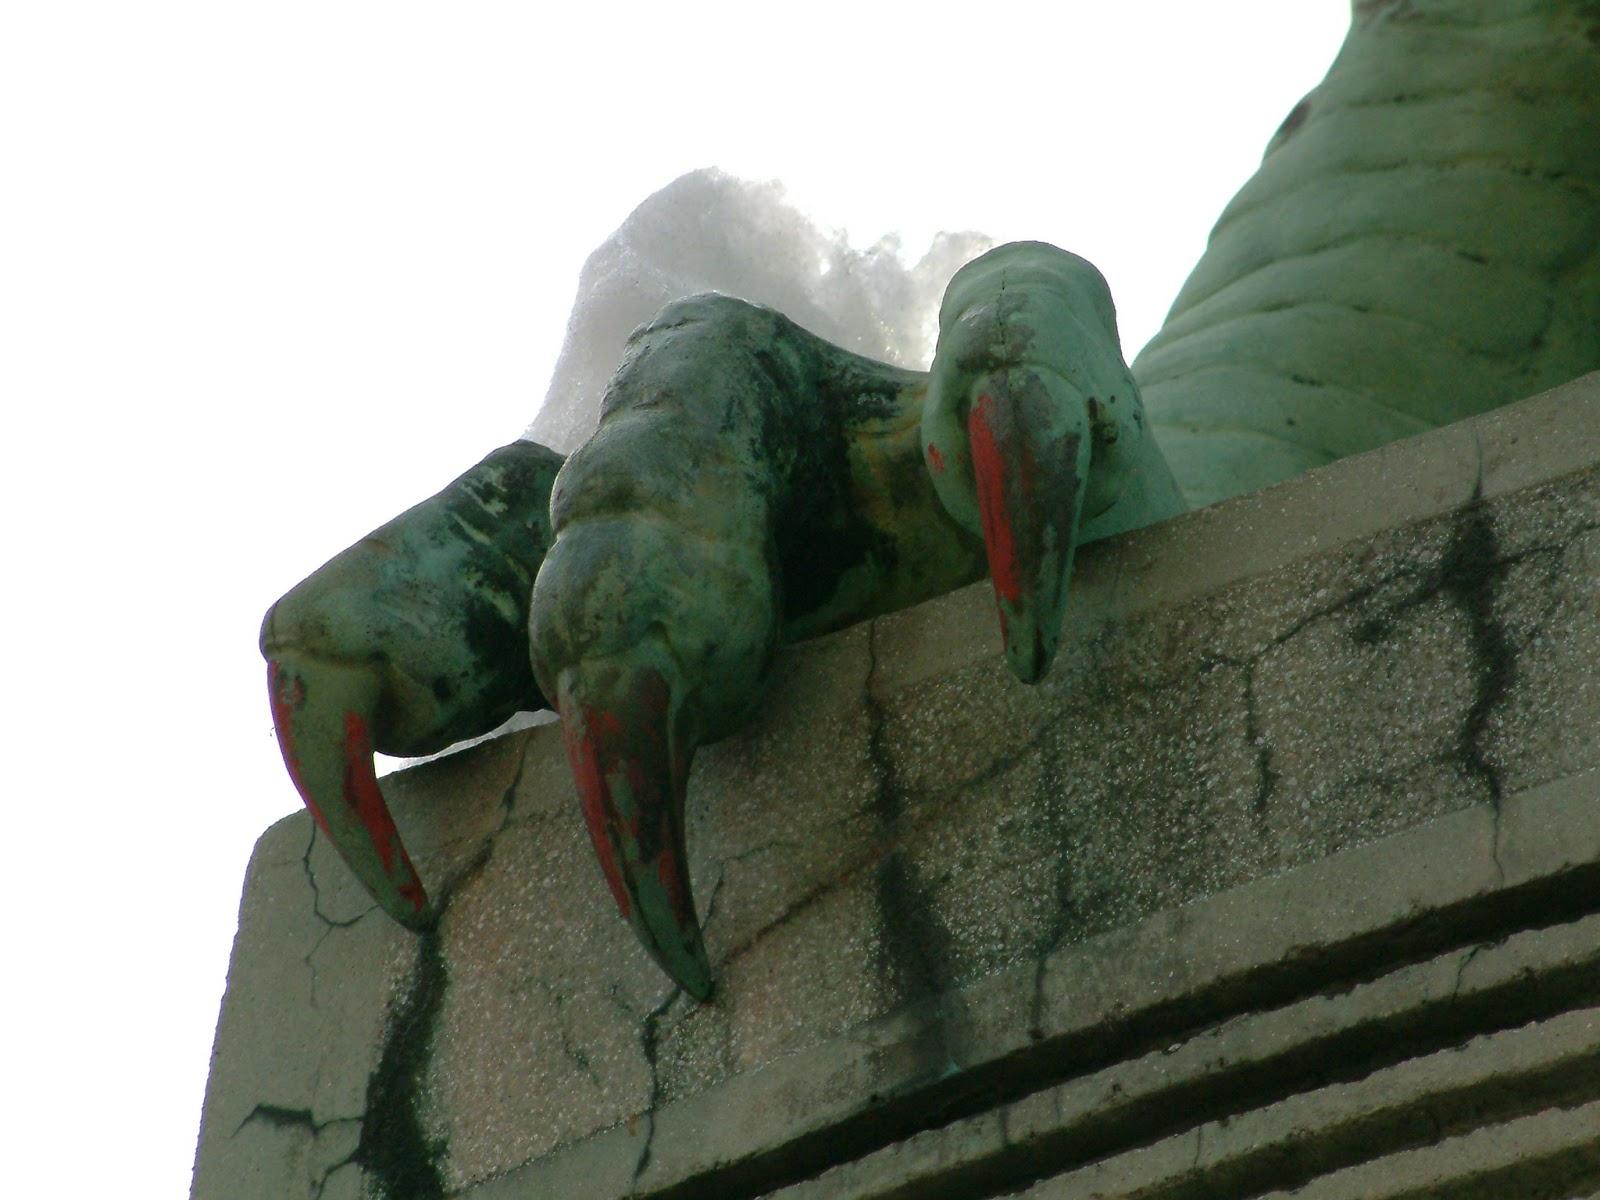 Detalhe das garras em uma estátua de dragão decorando algum lugar da Eslovênia ilustra este post sobre o Shijing, o Livro das Canções.